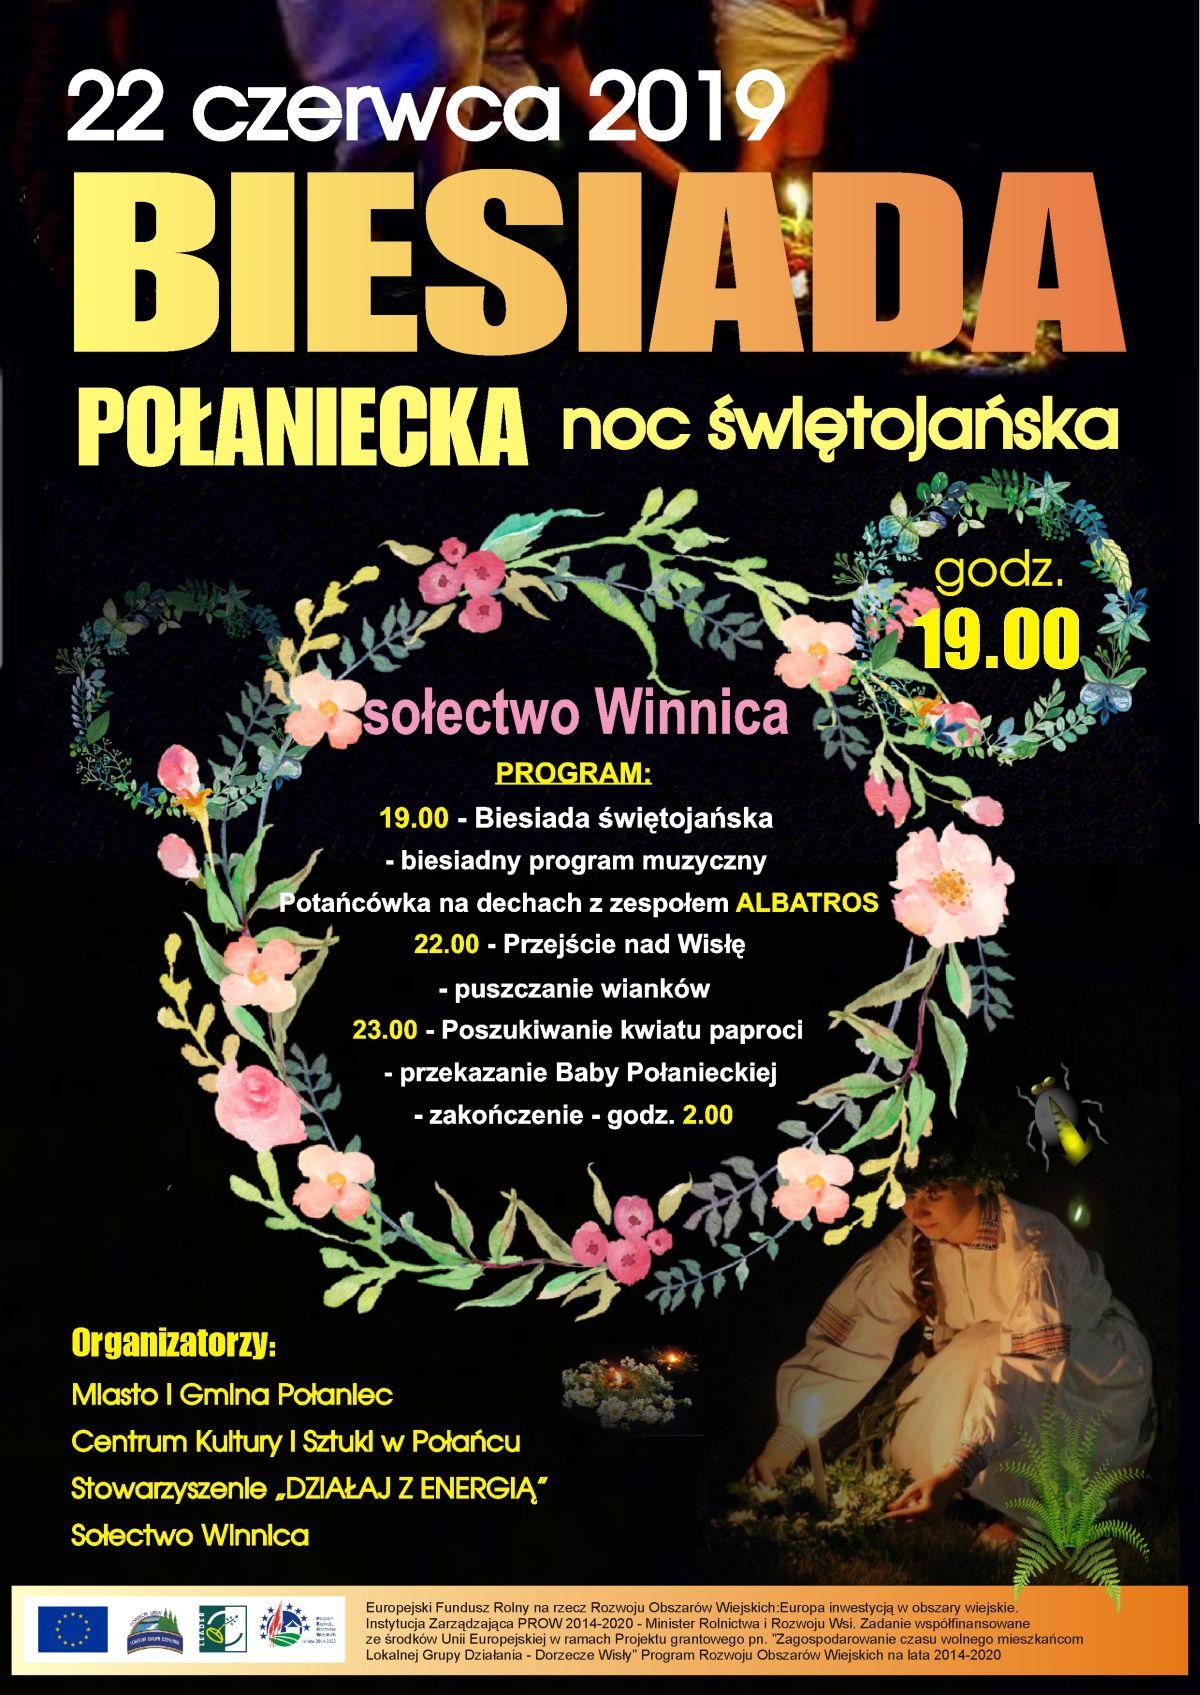 Biesiada Połaniecka / Noc Świętojańska